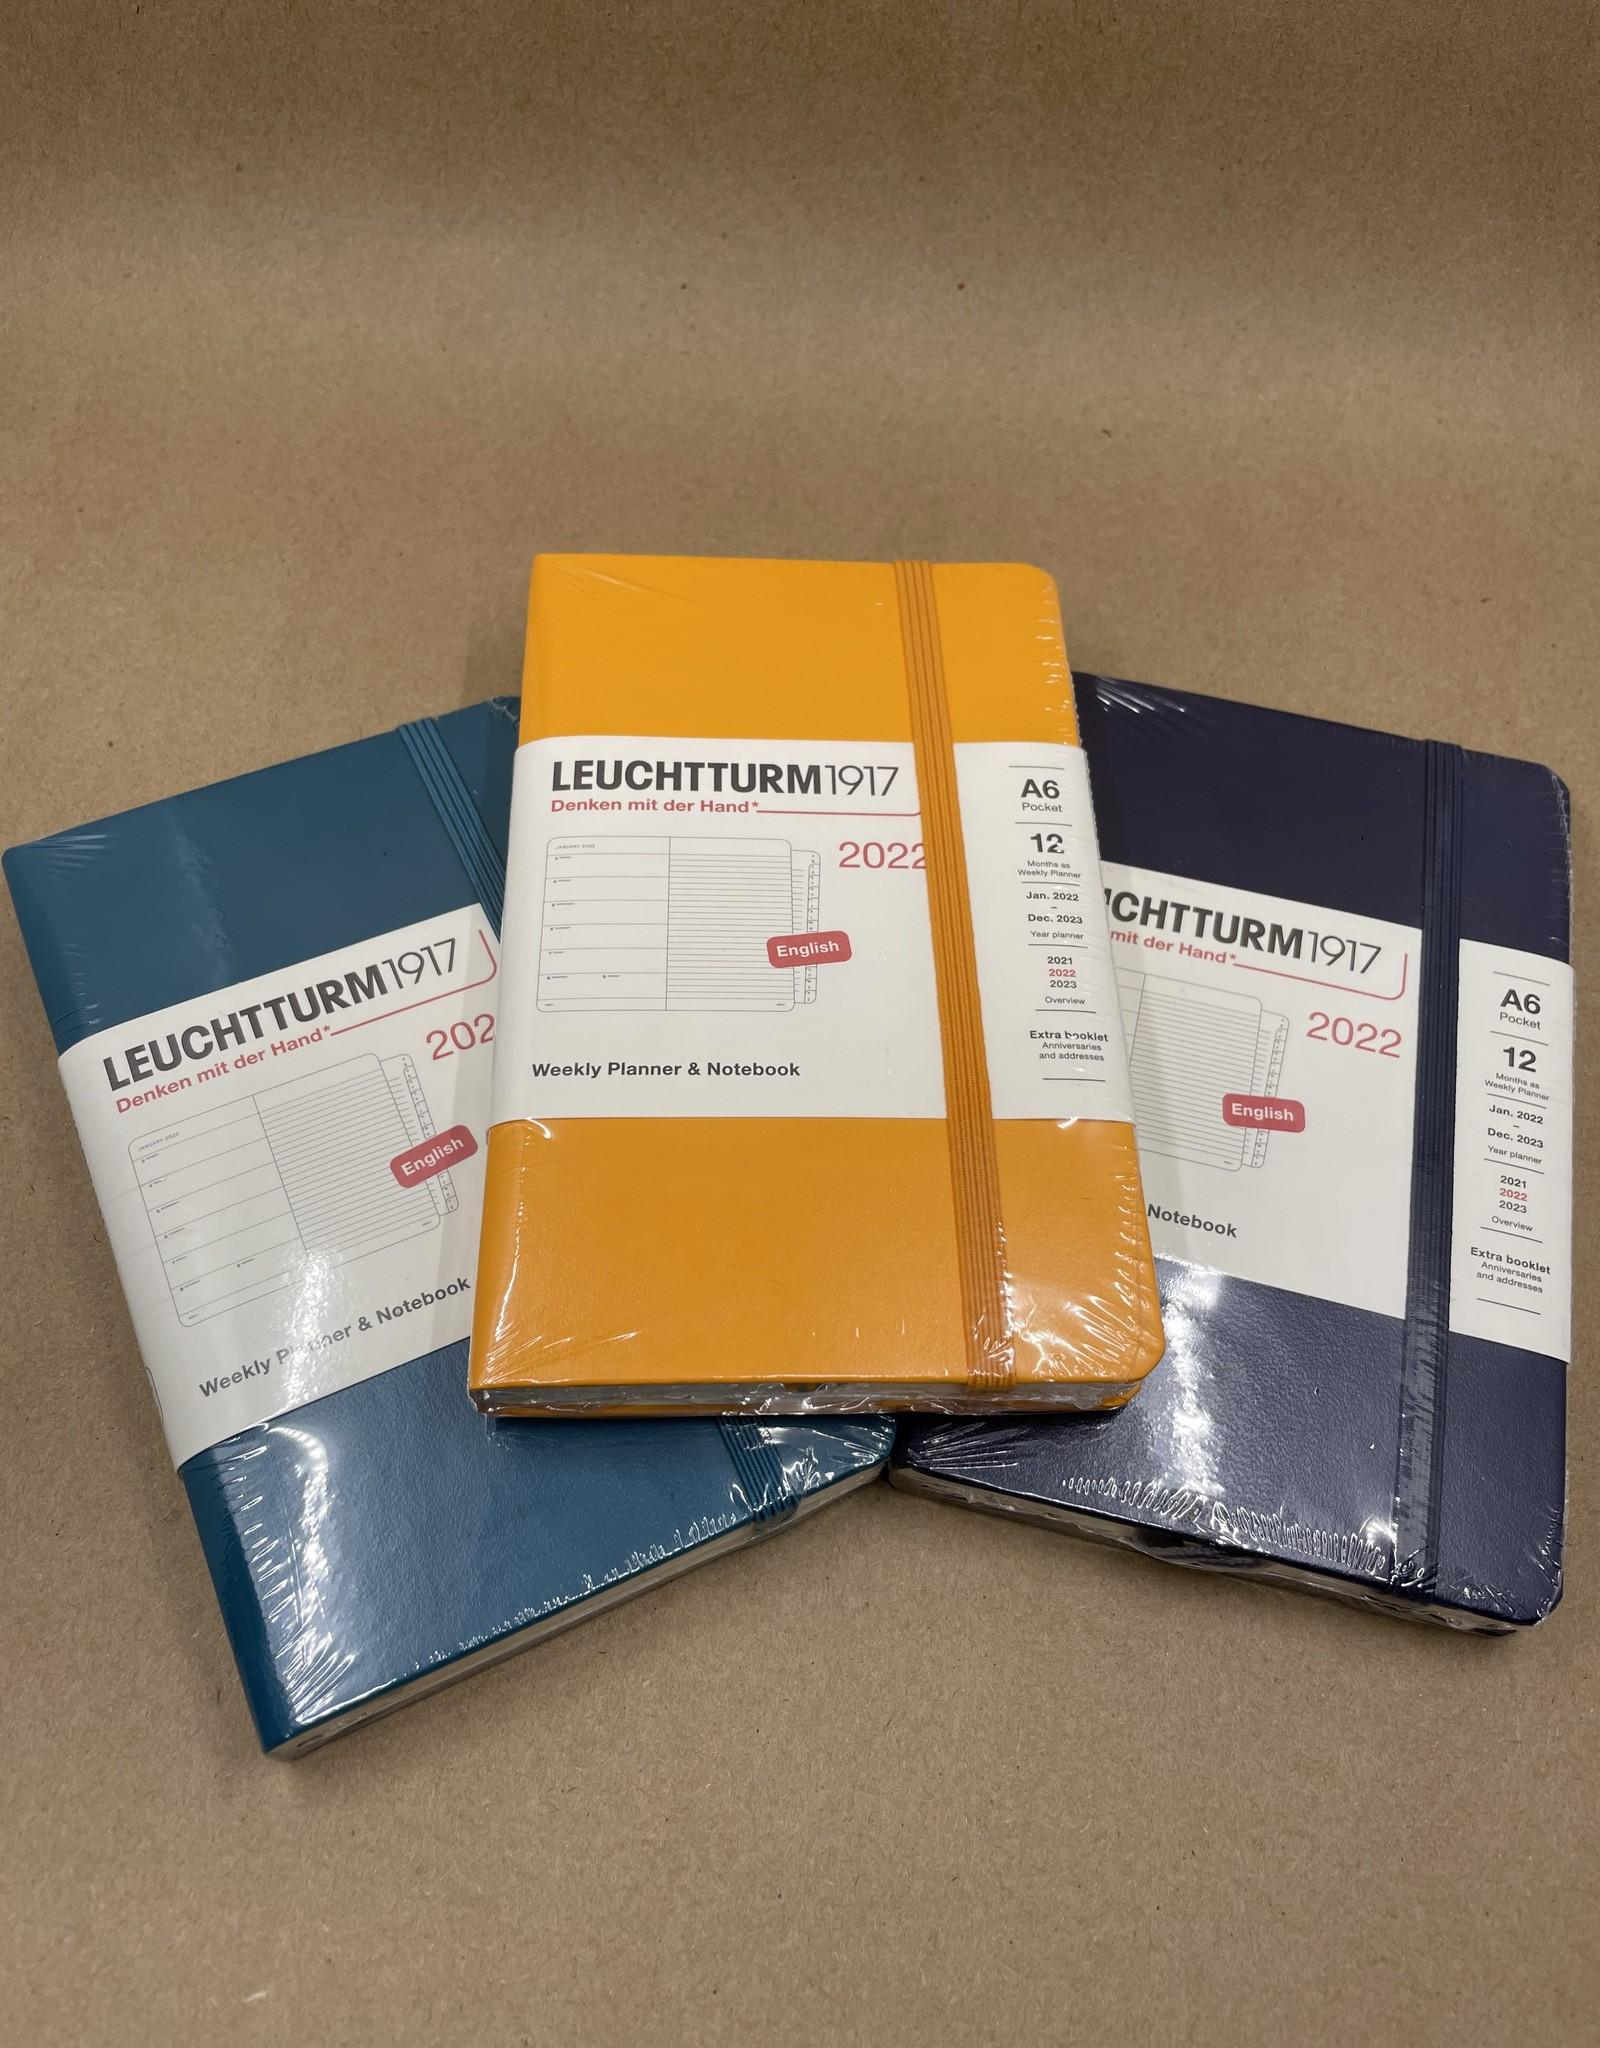 Leuchtturm 1917 2022 Weekly Planner & Notebook